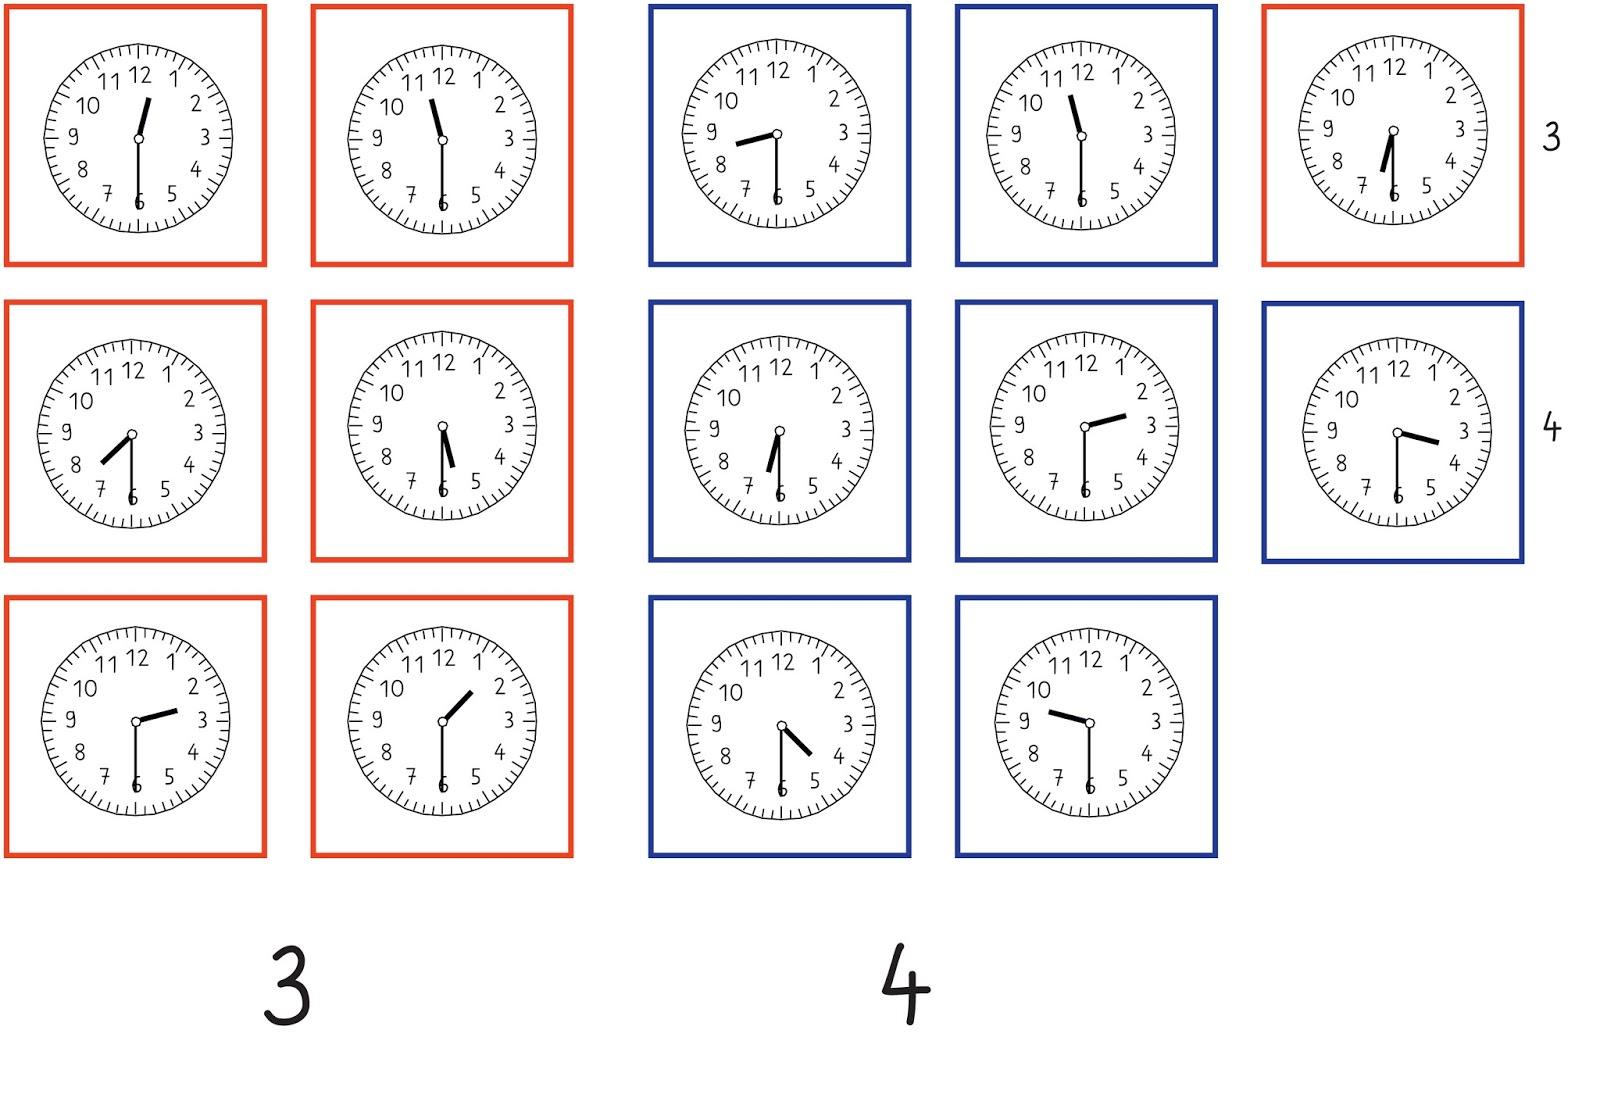 Arbeitsblatt Uhrzeit Volle Und Halbe Stunden : Lernstübchen zeitspannen legekarten